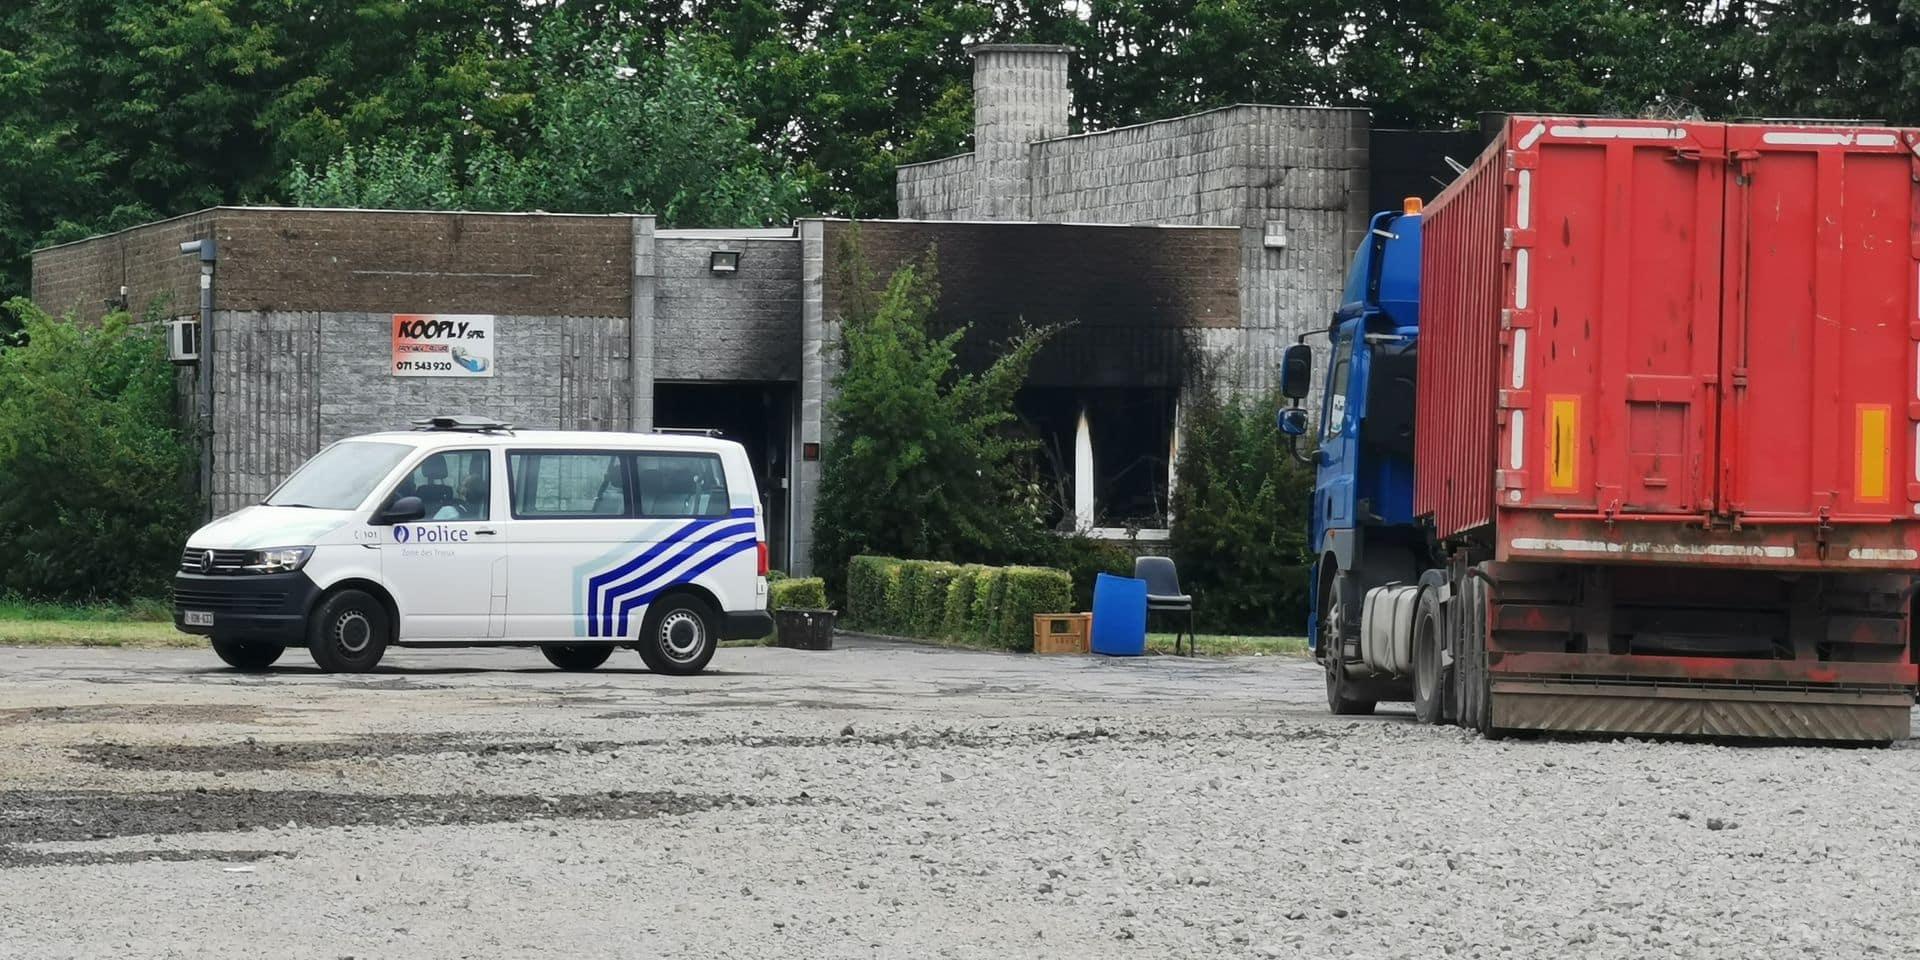 Une imprimerie détruite par le feu à Fontaine-l'Evêque